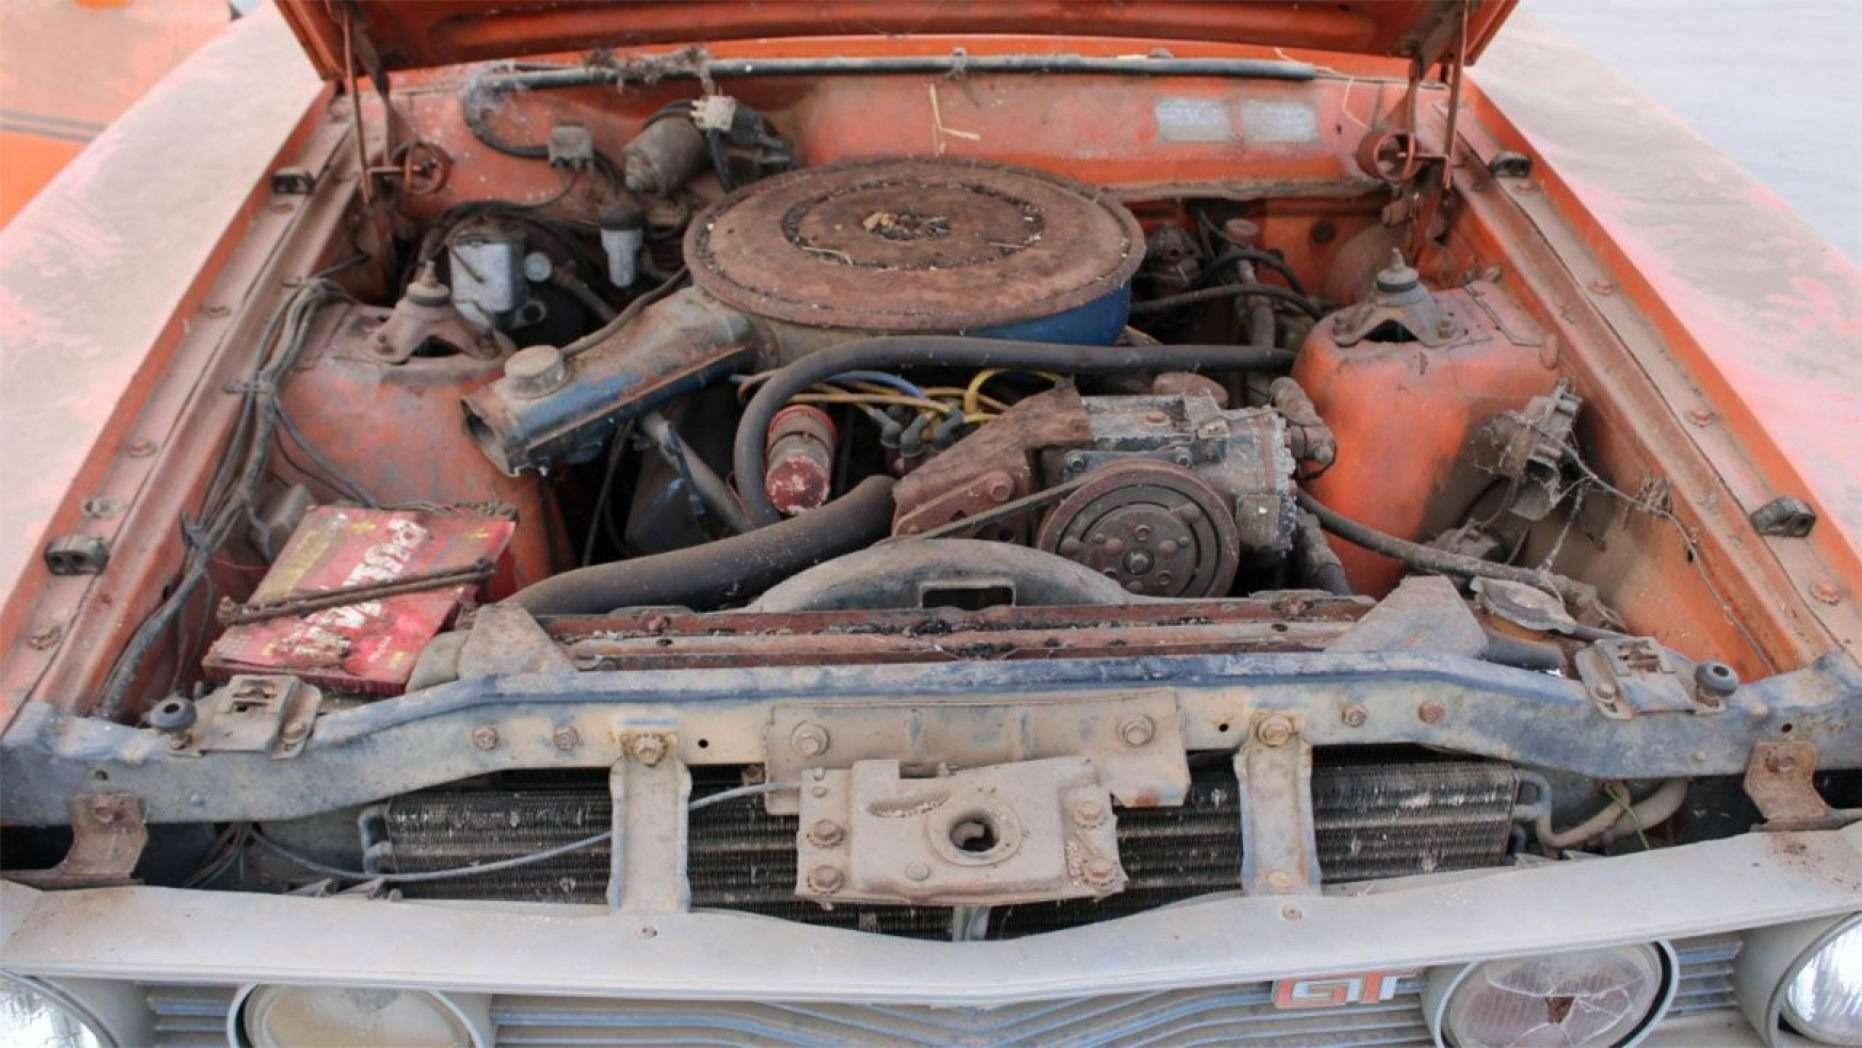 Дедуля держал машину, чтобы поговорить, акупили еезатрогательную «историю»— фото 1155237